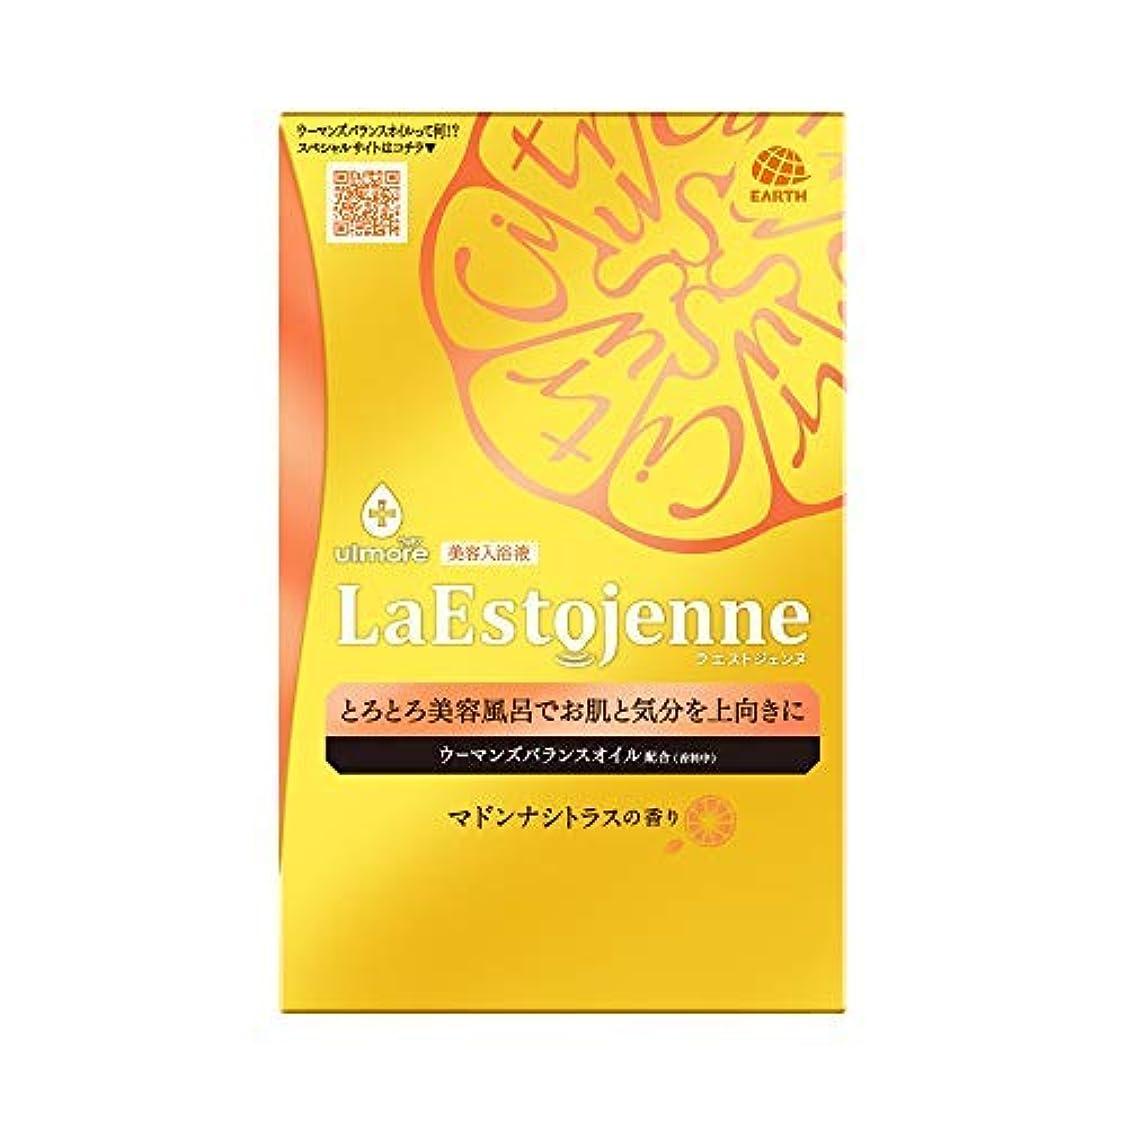 ペッカディロセールスマン適切なウルモア ラエストジェンヌ マドンナシトラスの香り 3包入り × 8個セット